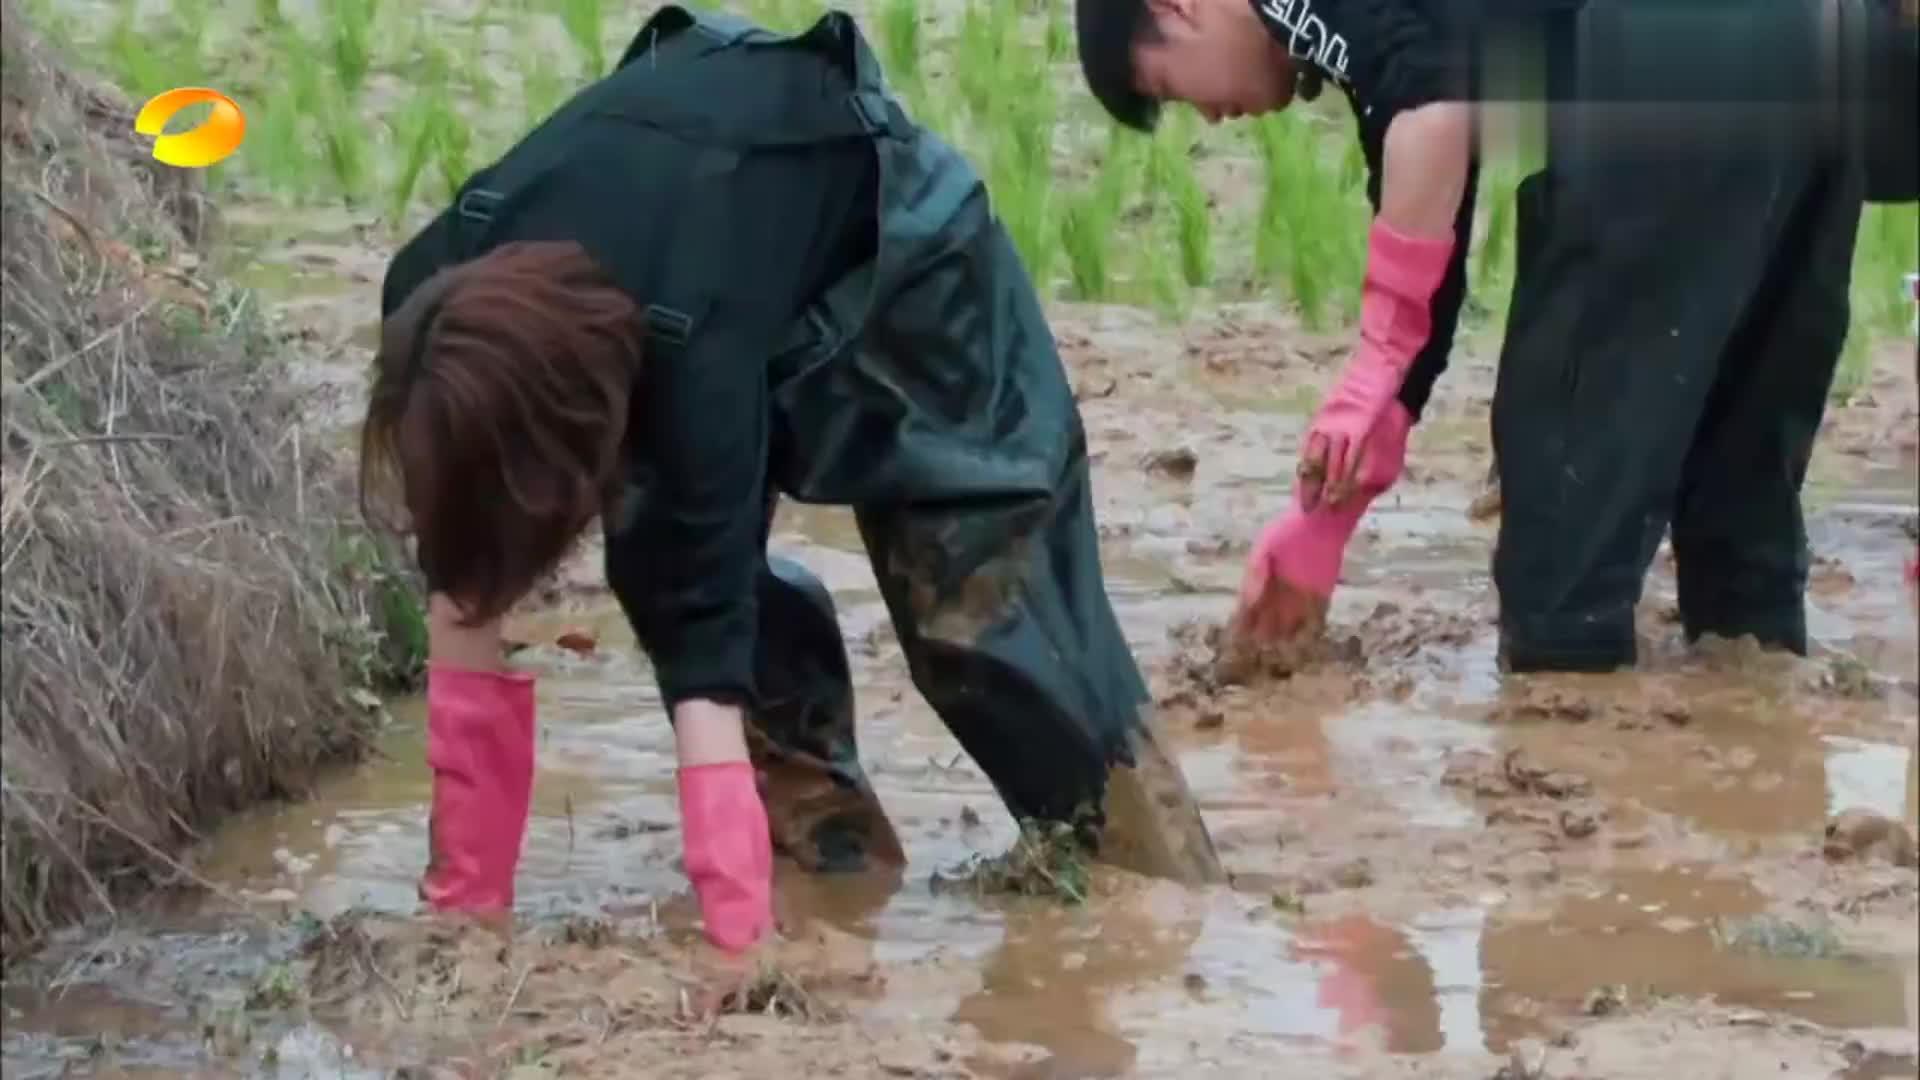 徐峥第一次下地插秧,双手双脚全是泥巴,直言爱上这种感觉